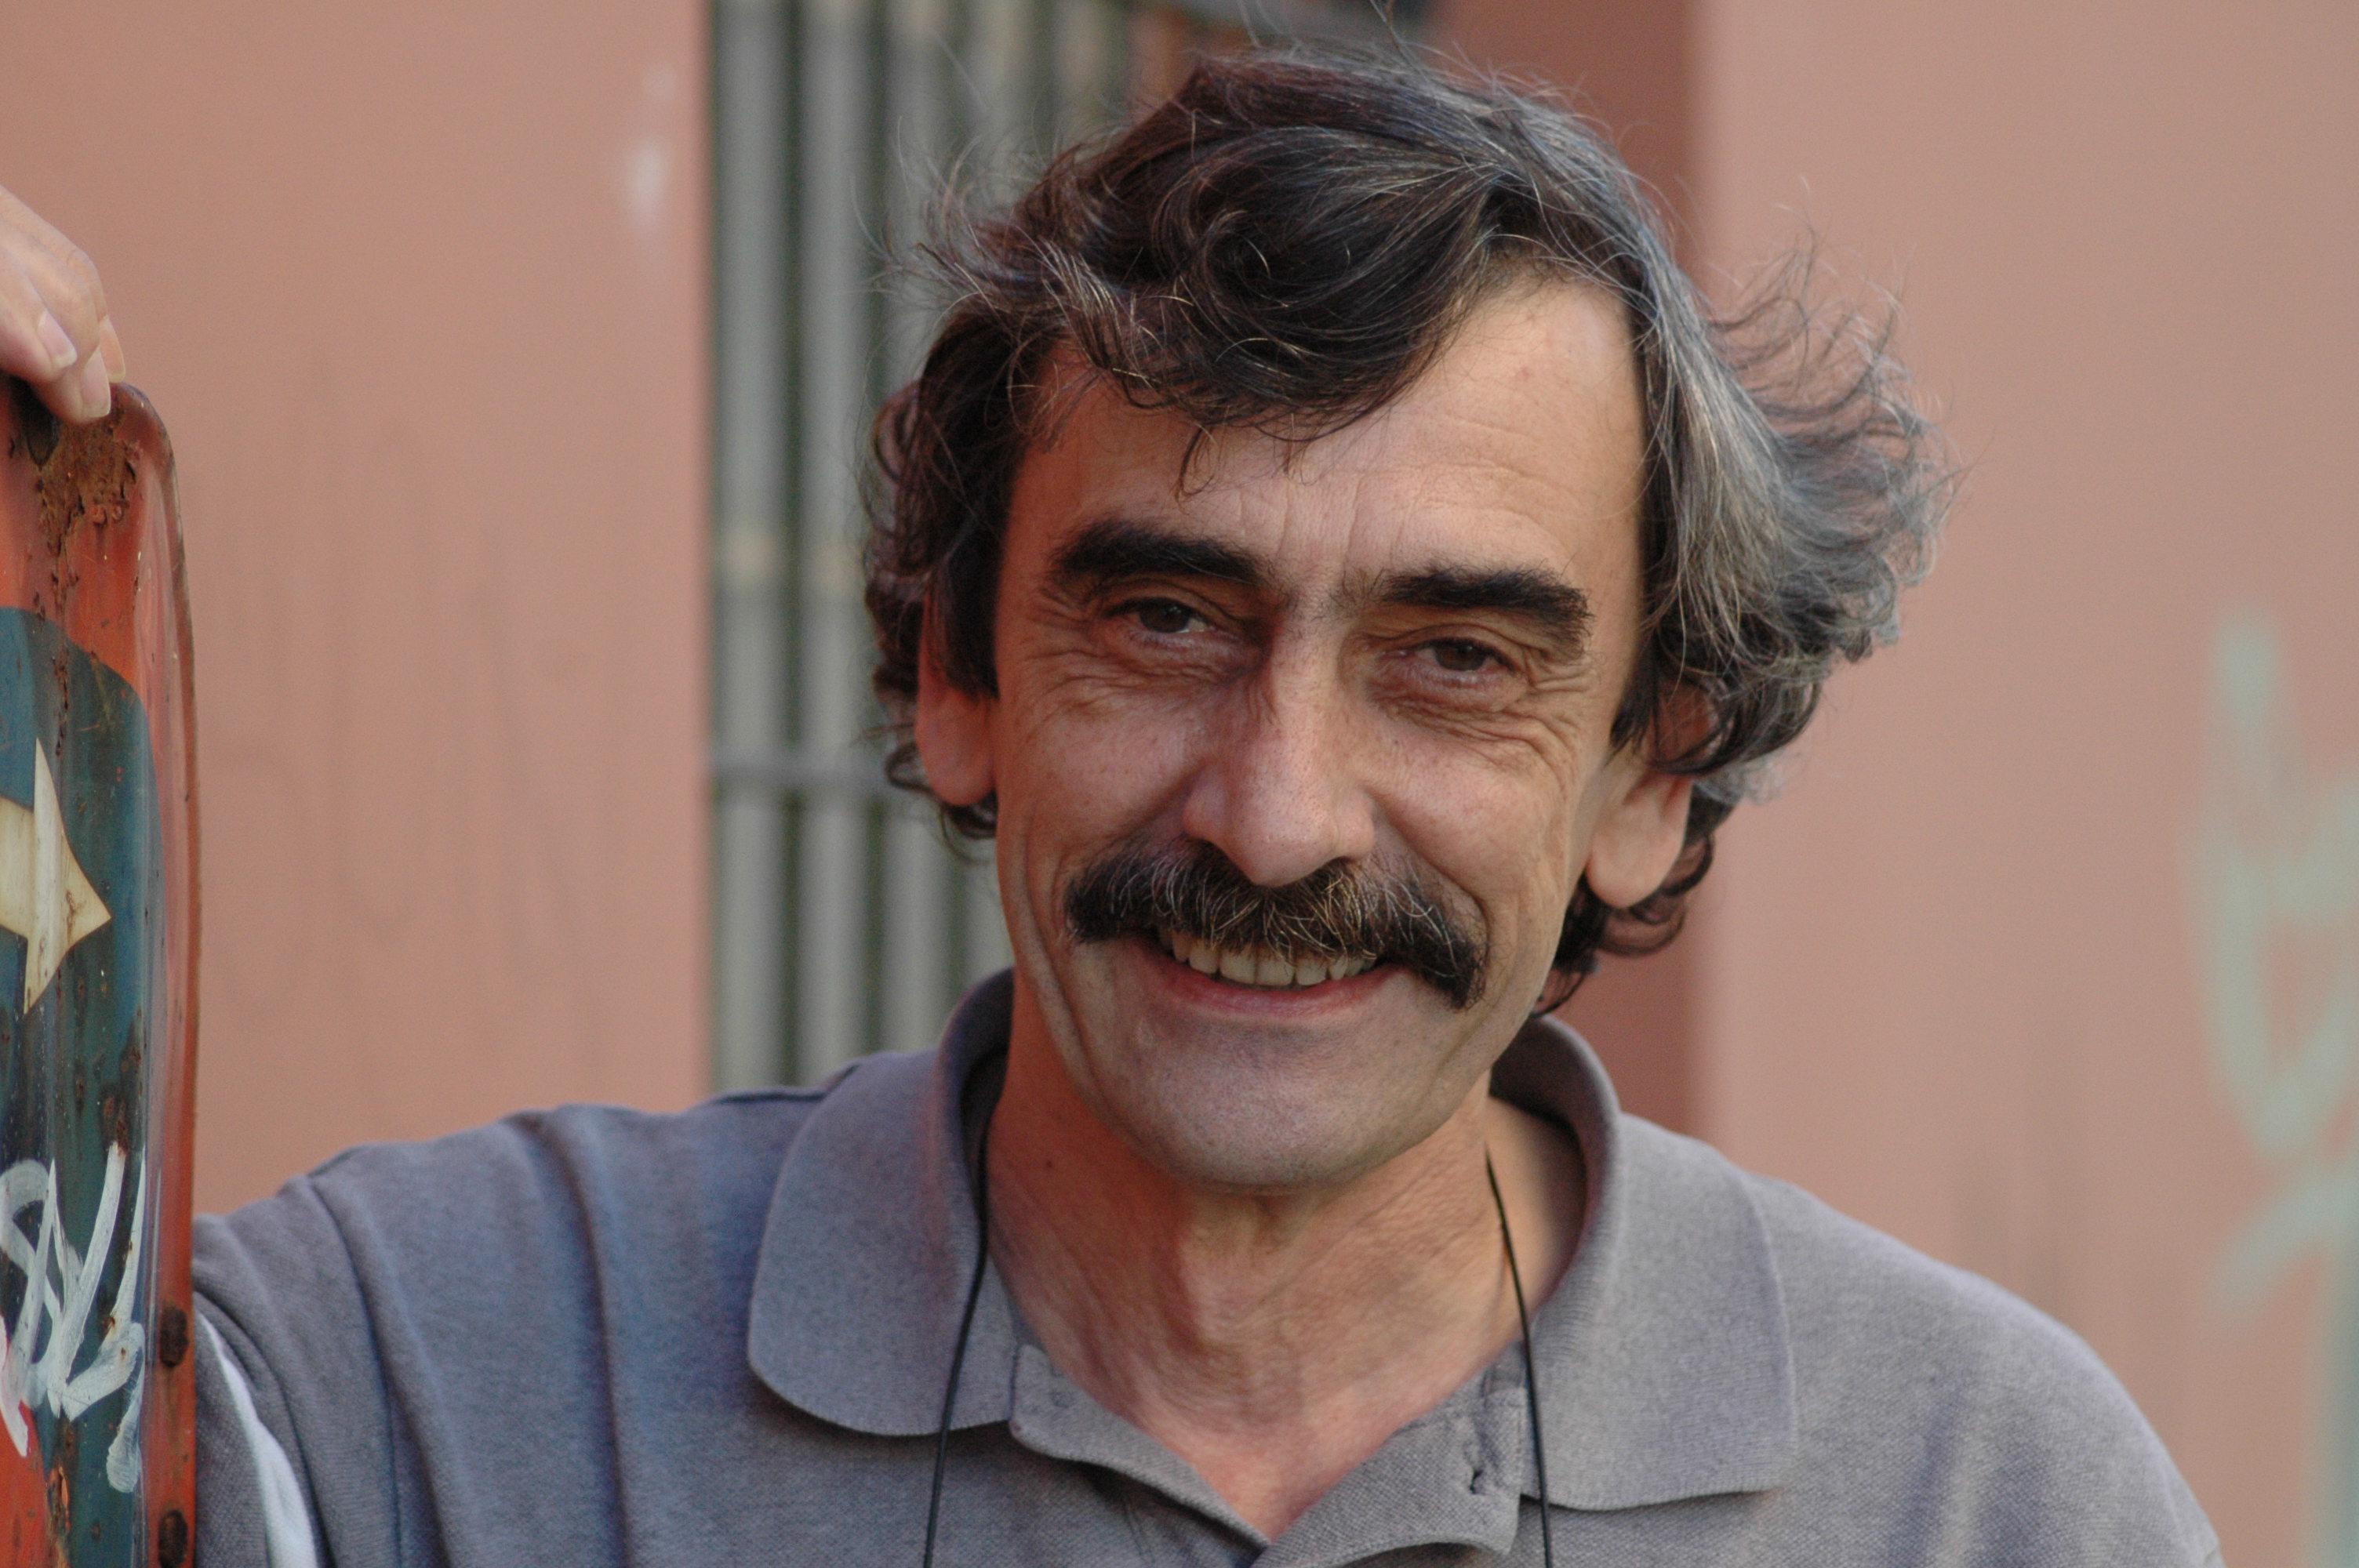 Juanba Berasategi